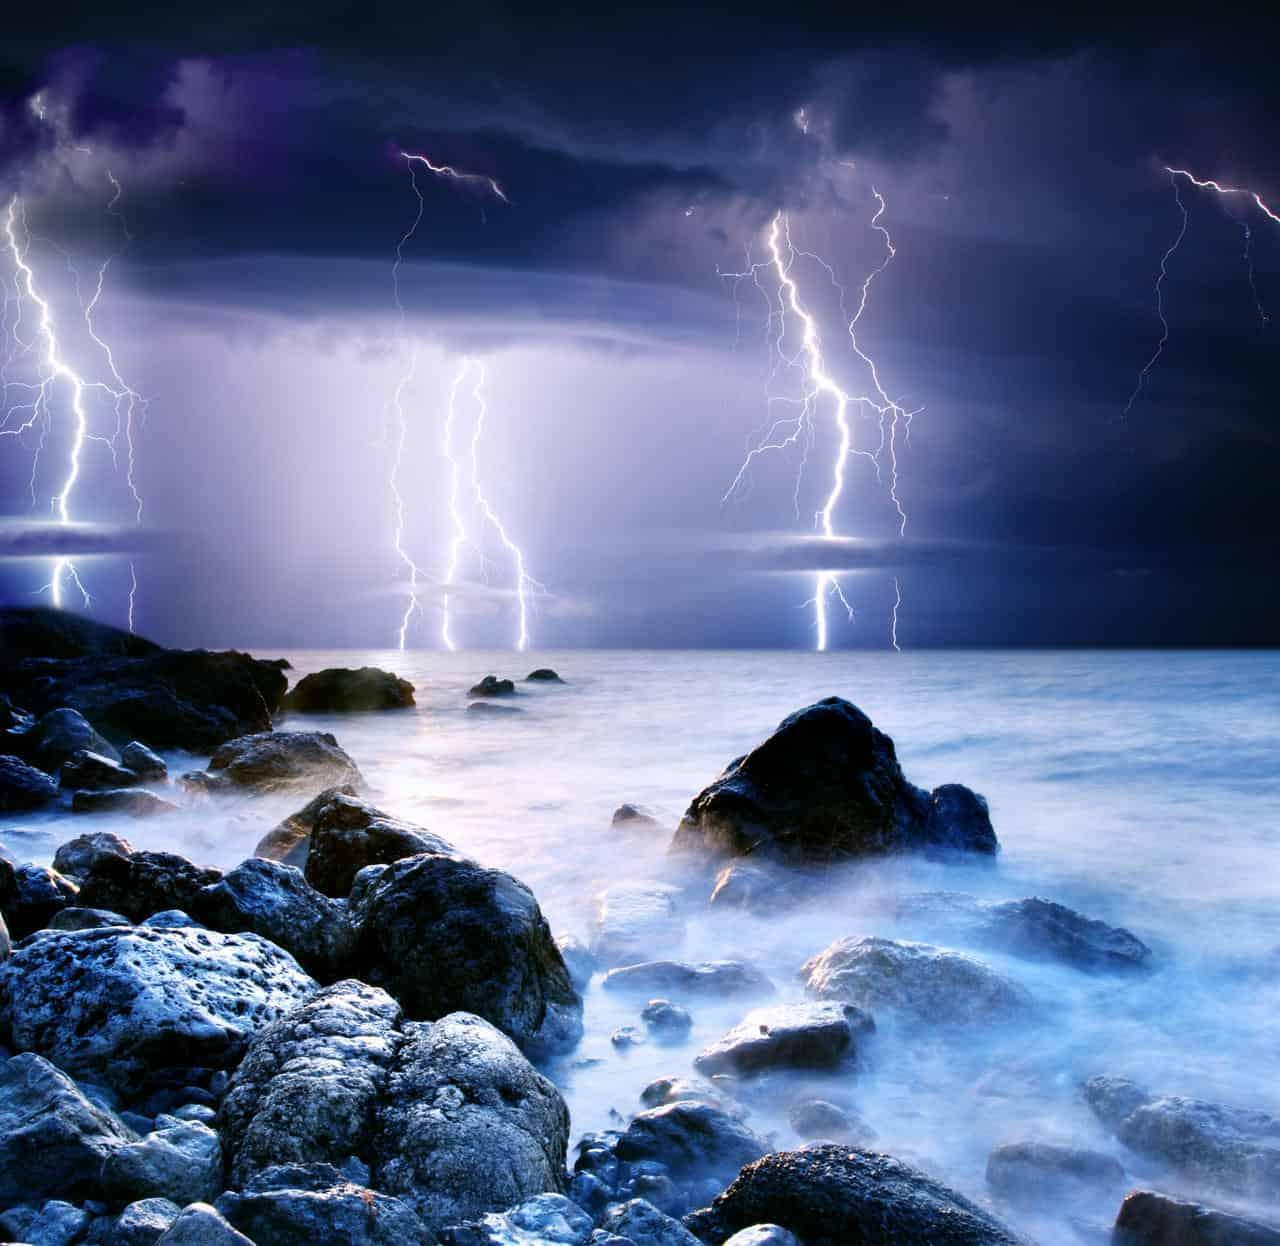 meteo 06267 - Rischio METEO ESPLOSIVO per le calde acque del Mar Mediterraneo